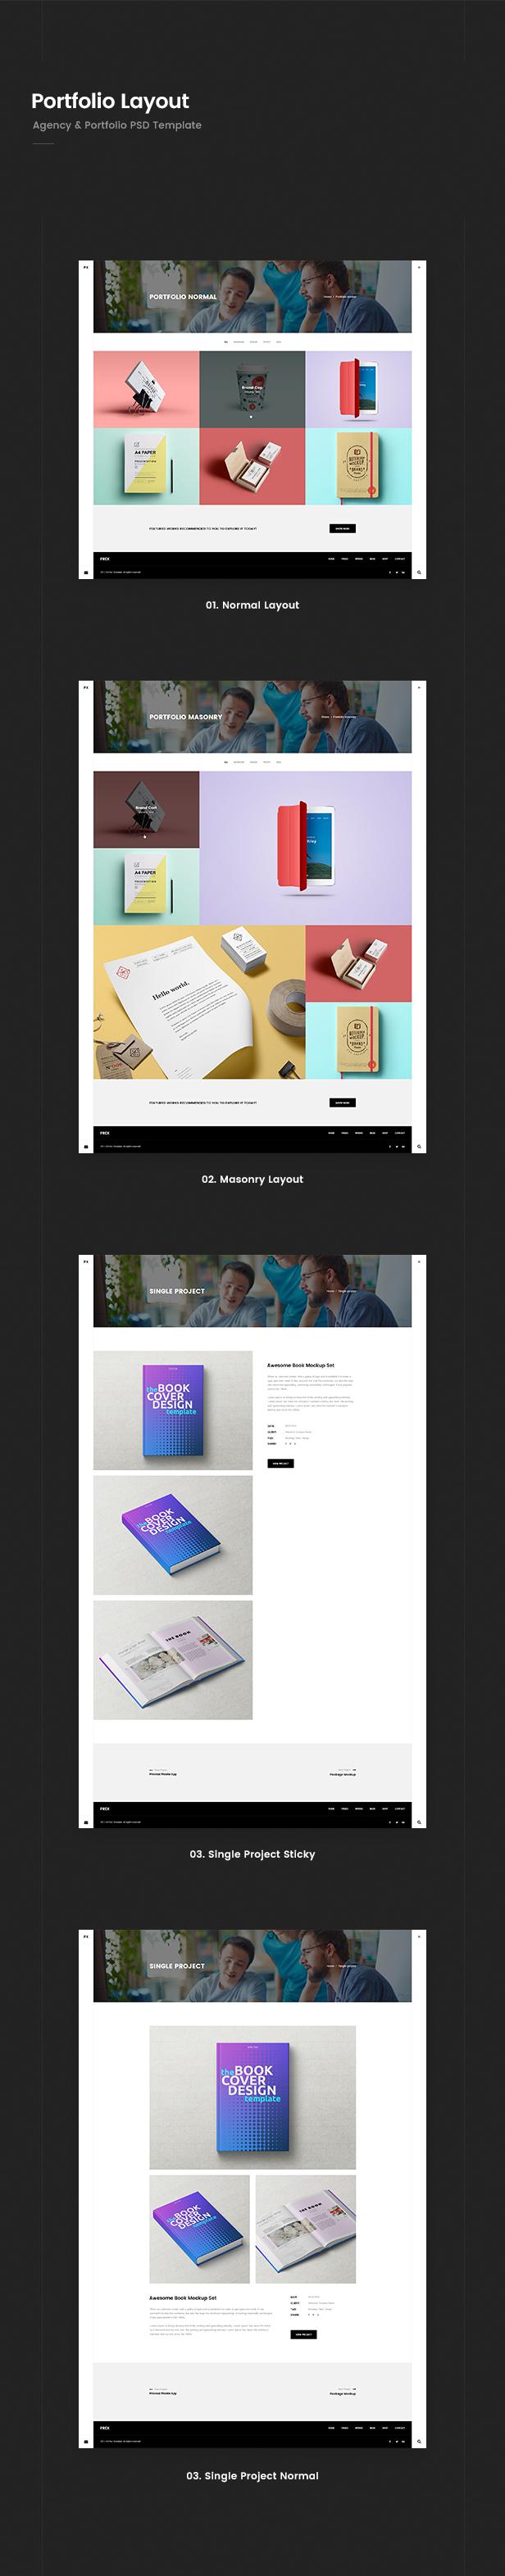 Prex | Creative Agency & Portfolio PSD Template - 2